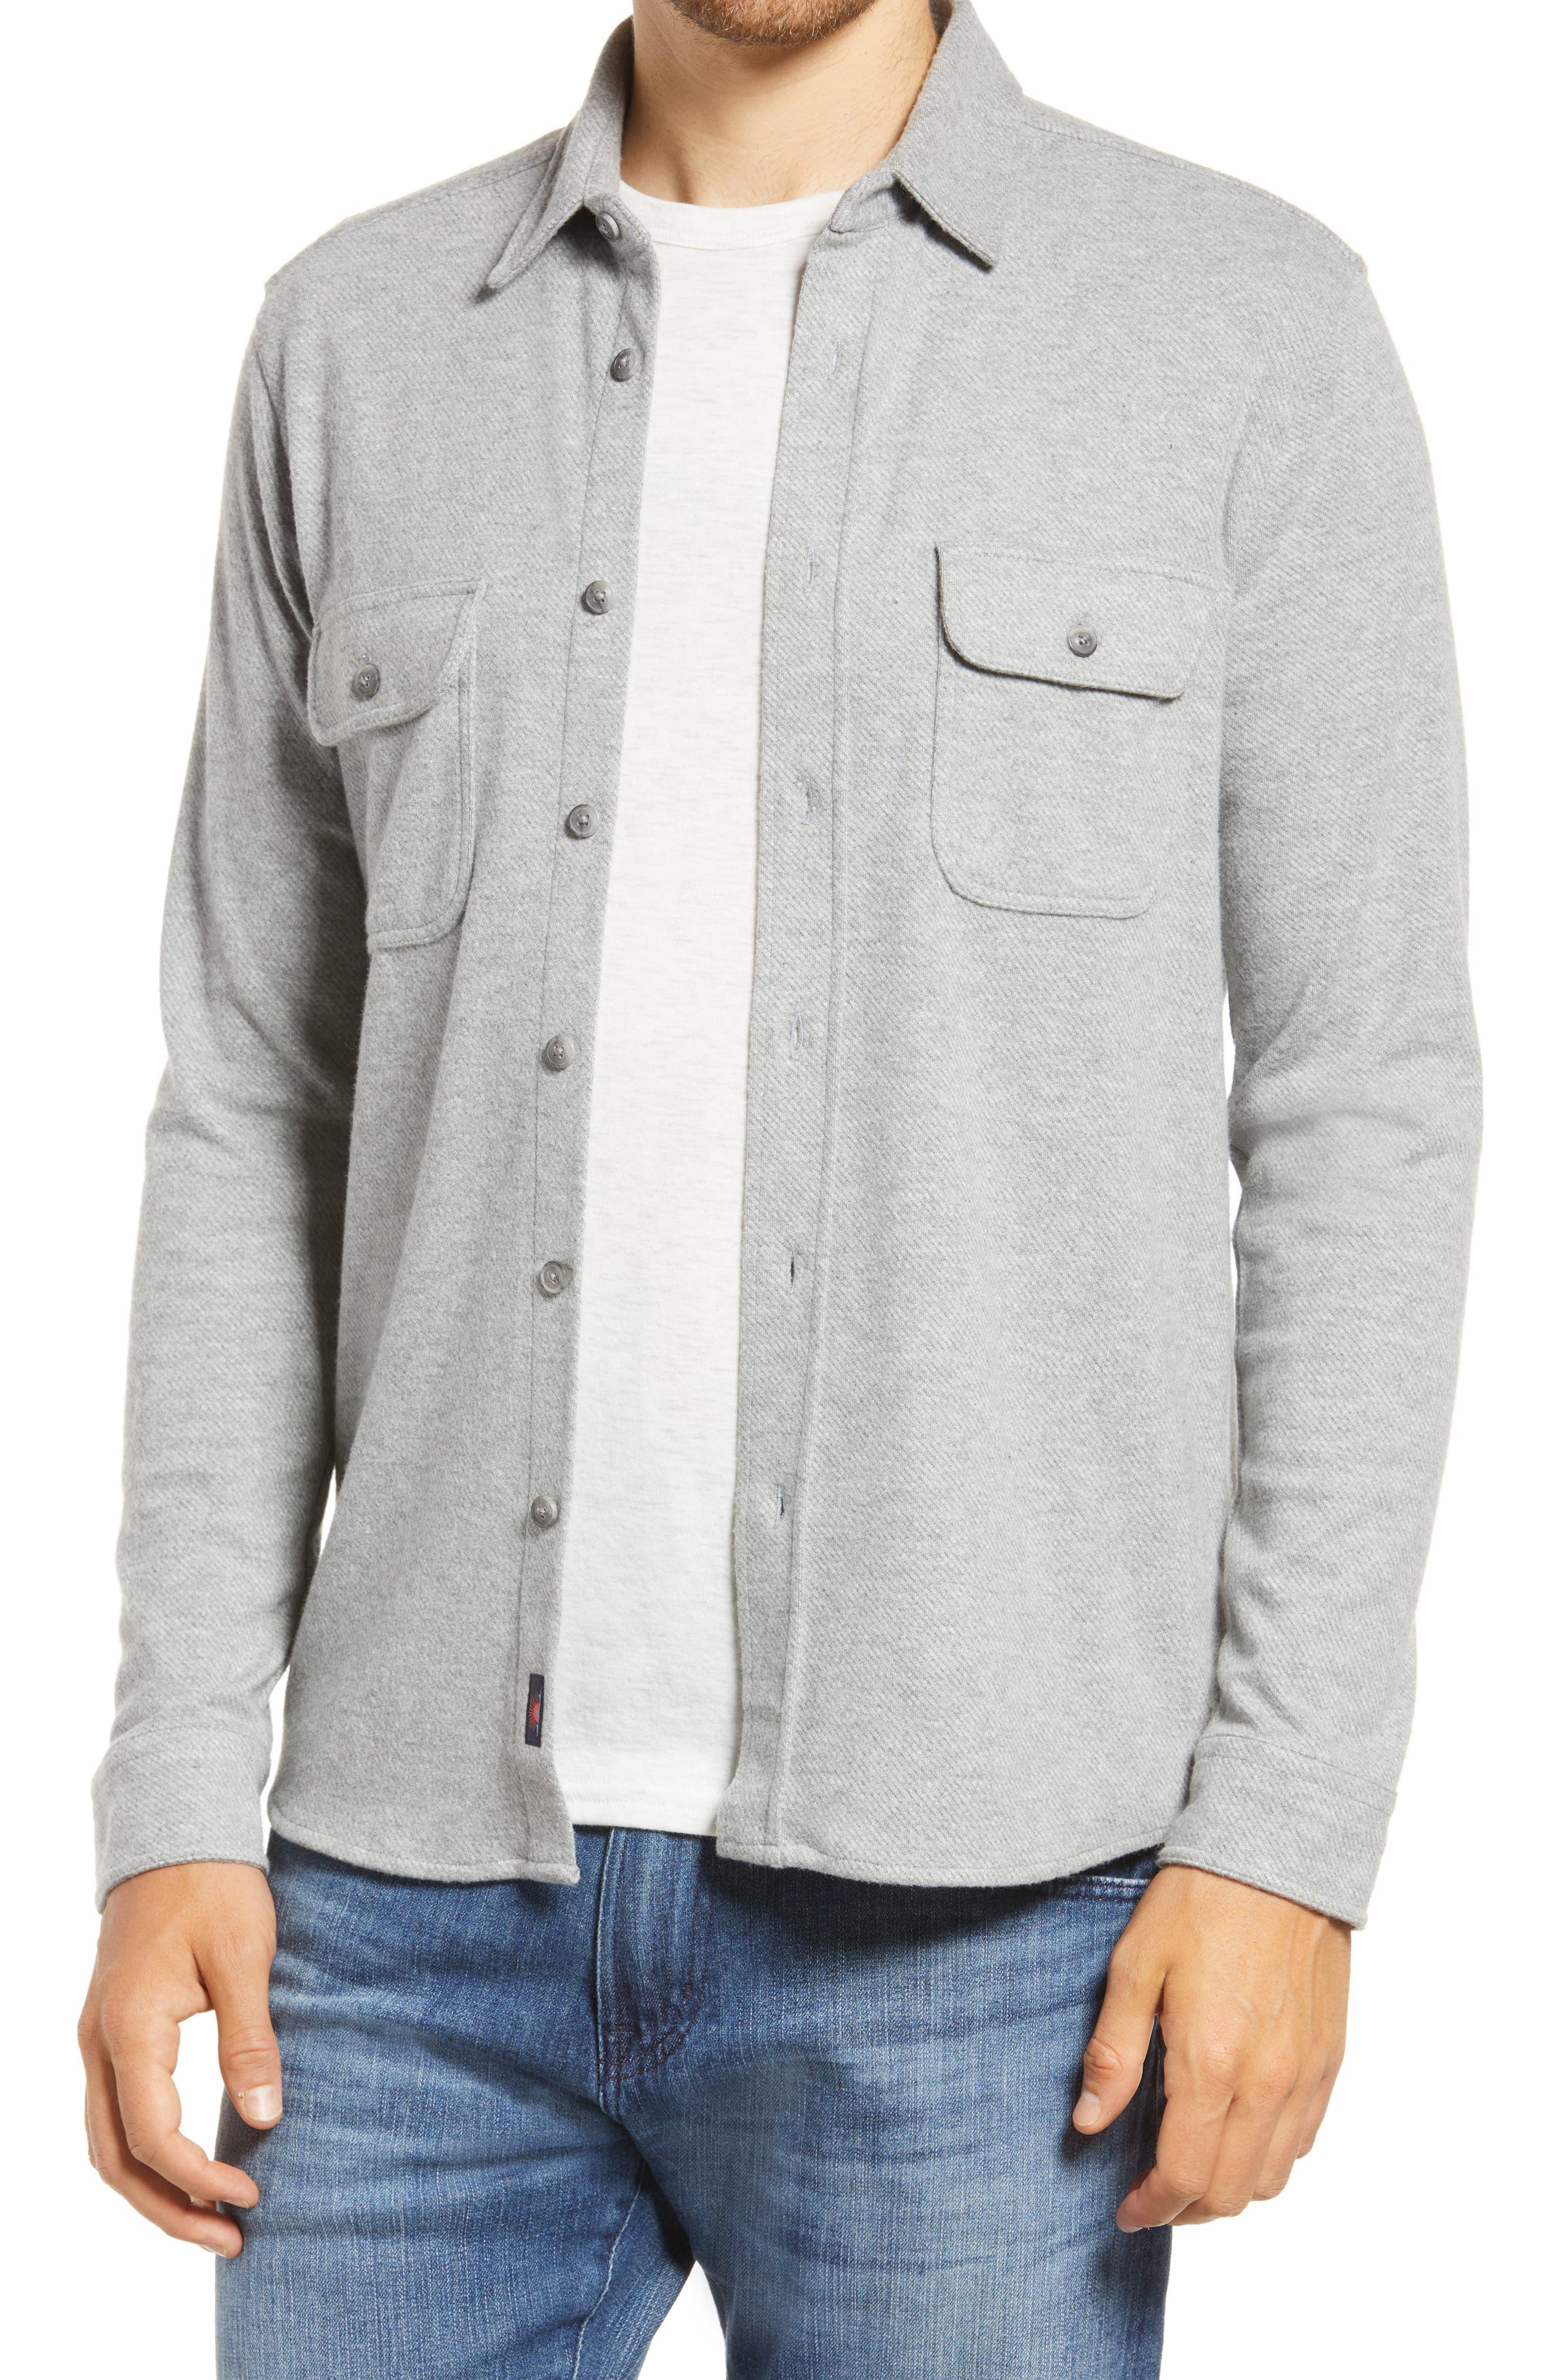 Legend Button-Up Shirt